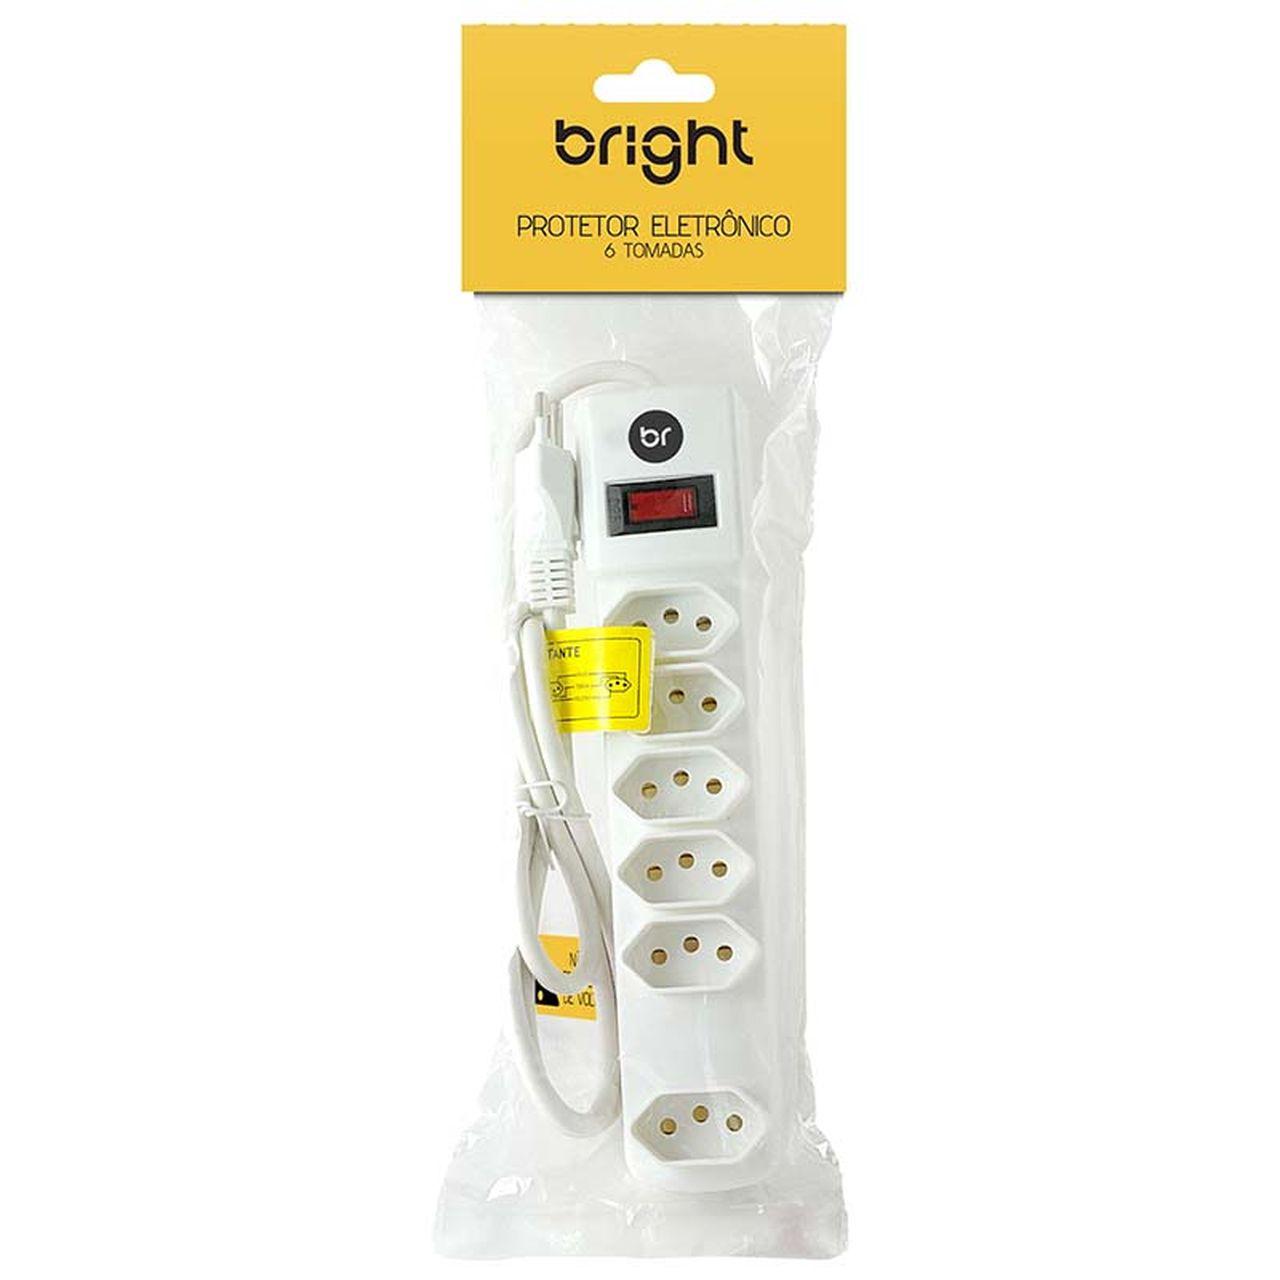 Filtro De Linha 6 Tomadas Protetor Eletrônico Bivolt Bright